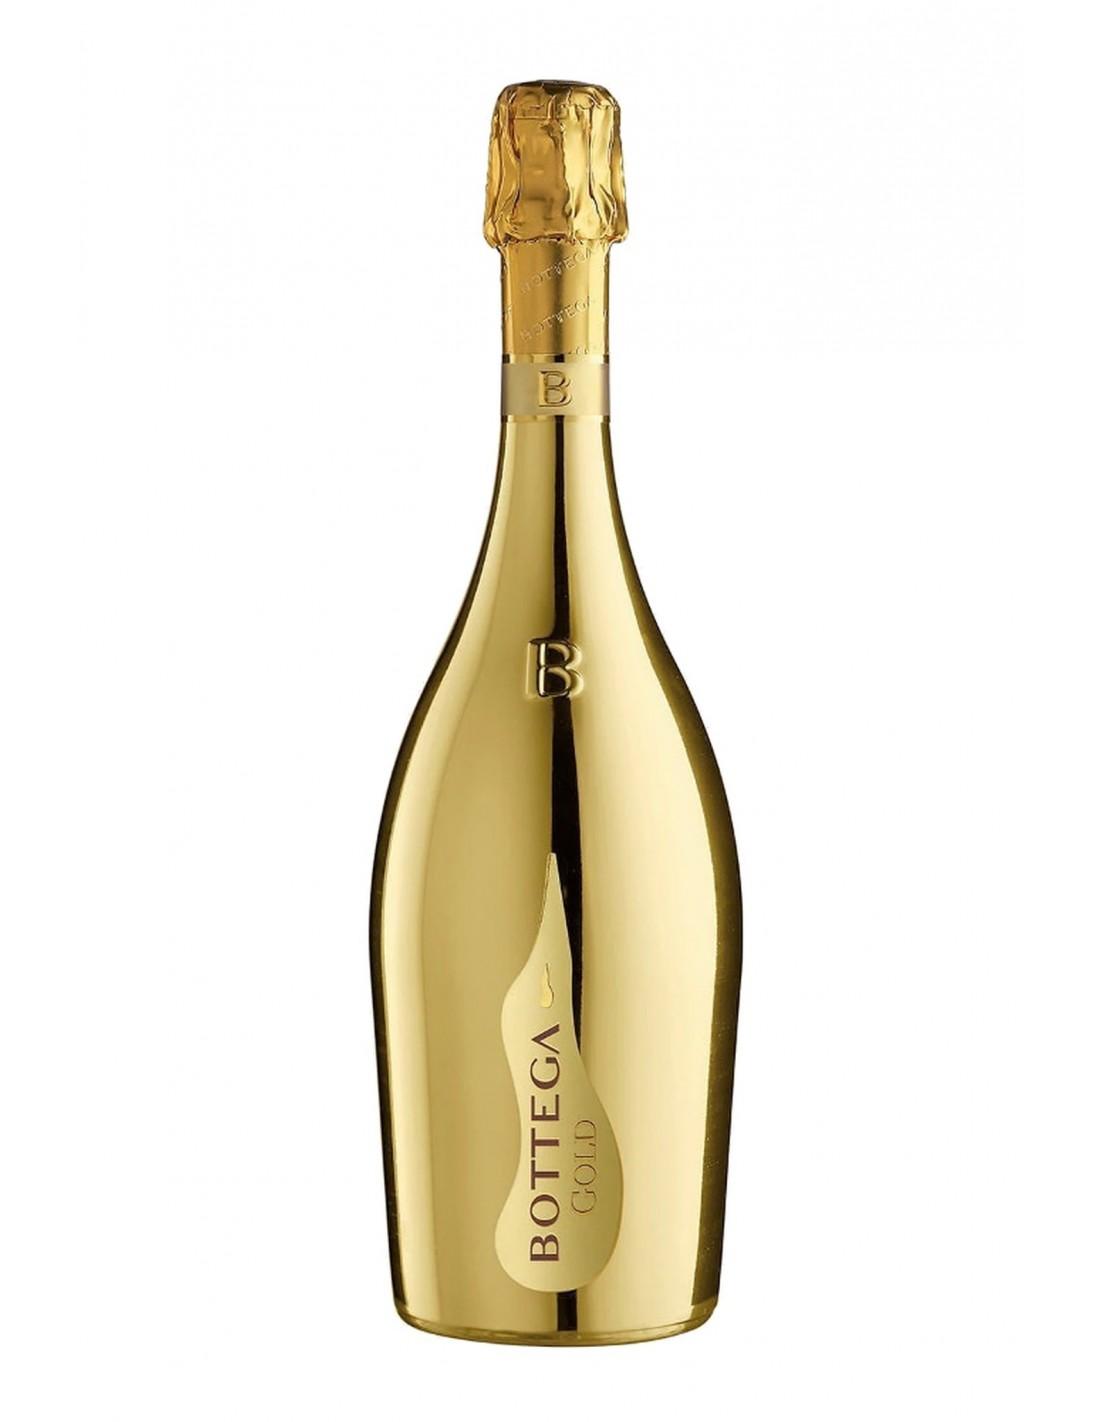 Vin prosecco Bottega Gold, 11% alc, 0.75L, Italia